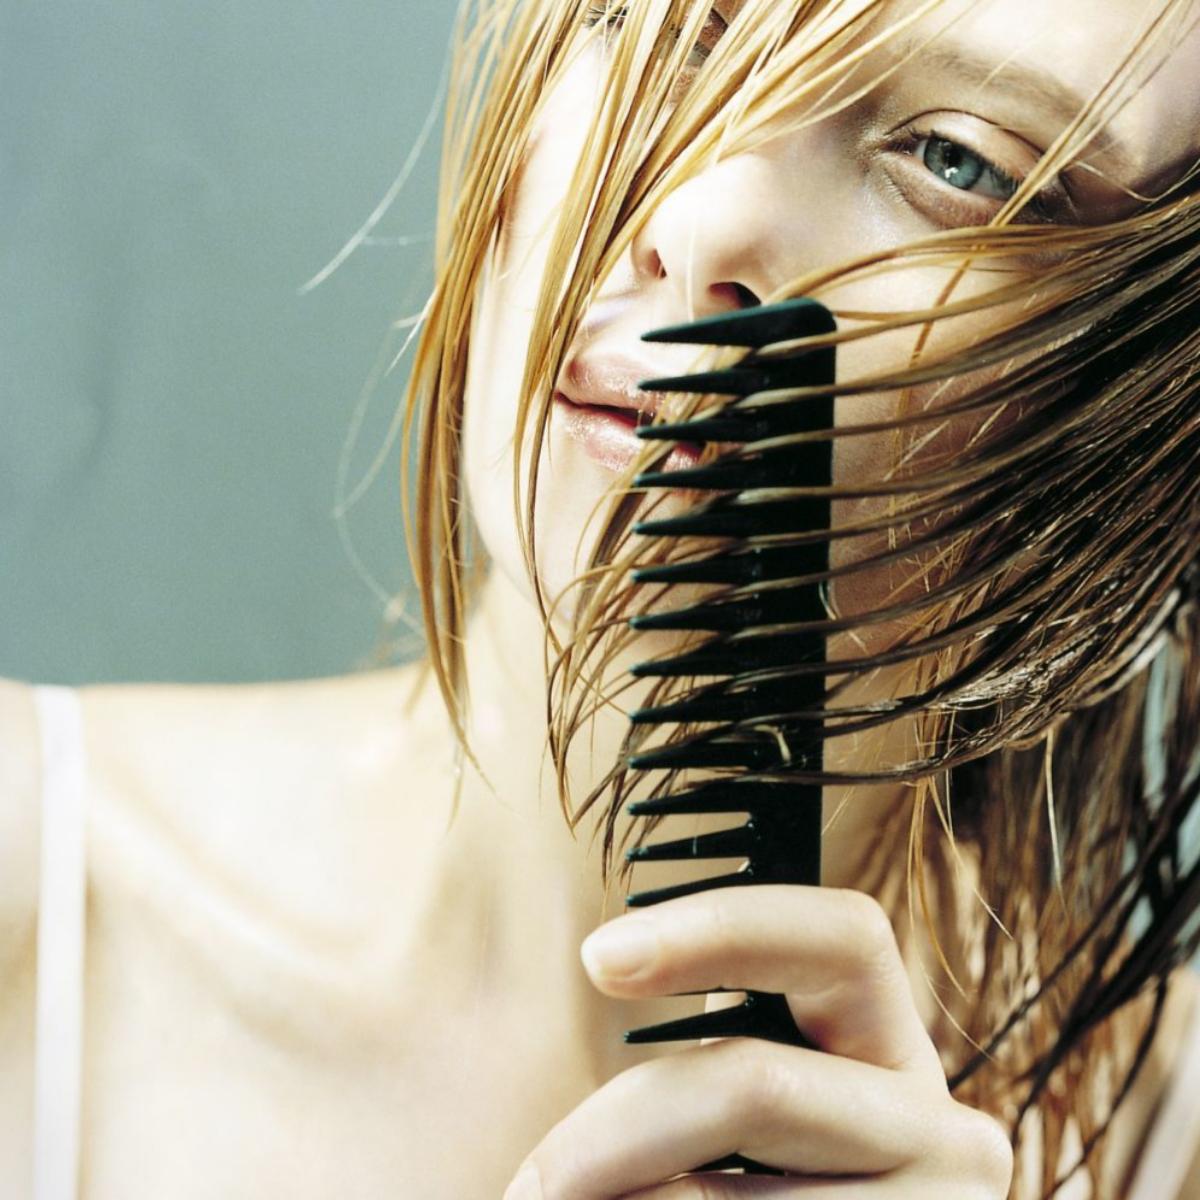 Desenredar tu pelo en seco y rápido puede romper la cutícula de la fibra capilar y castigar tu melena haciendo que se parta y se caiga más de la cuenta.